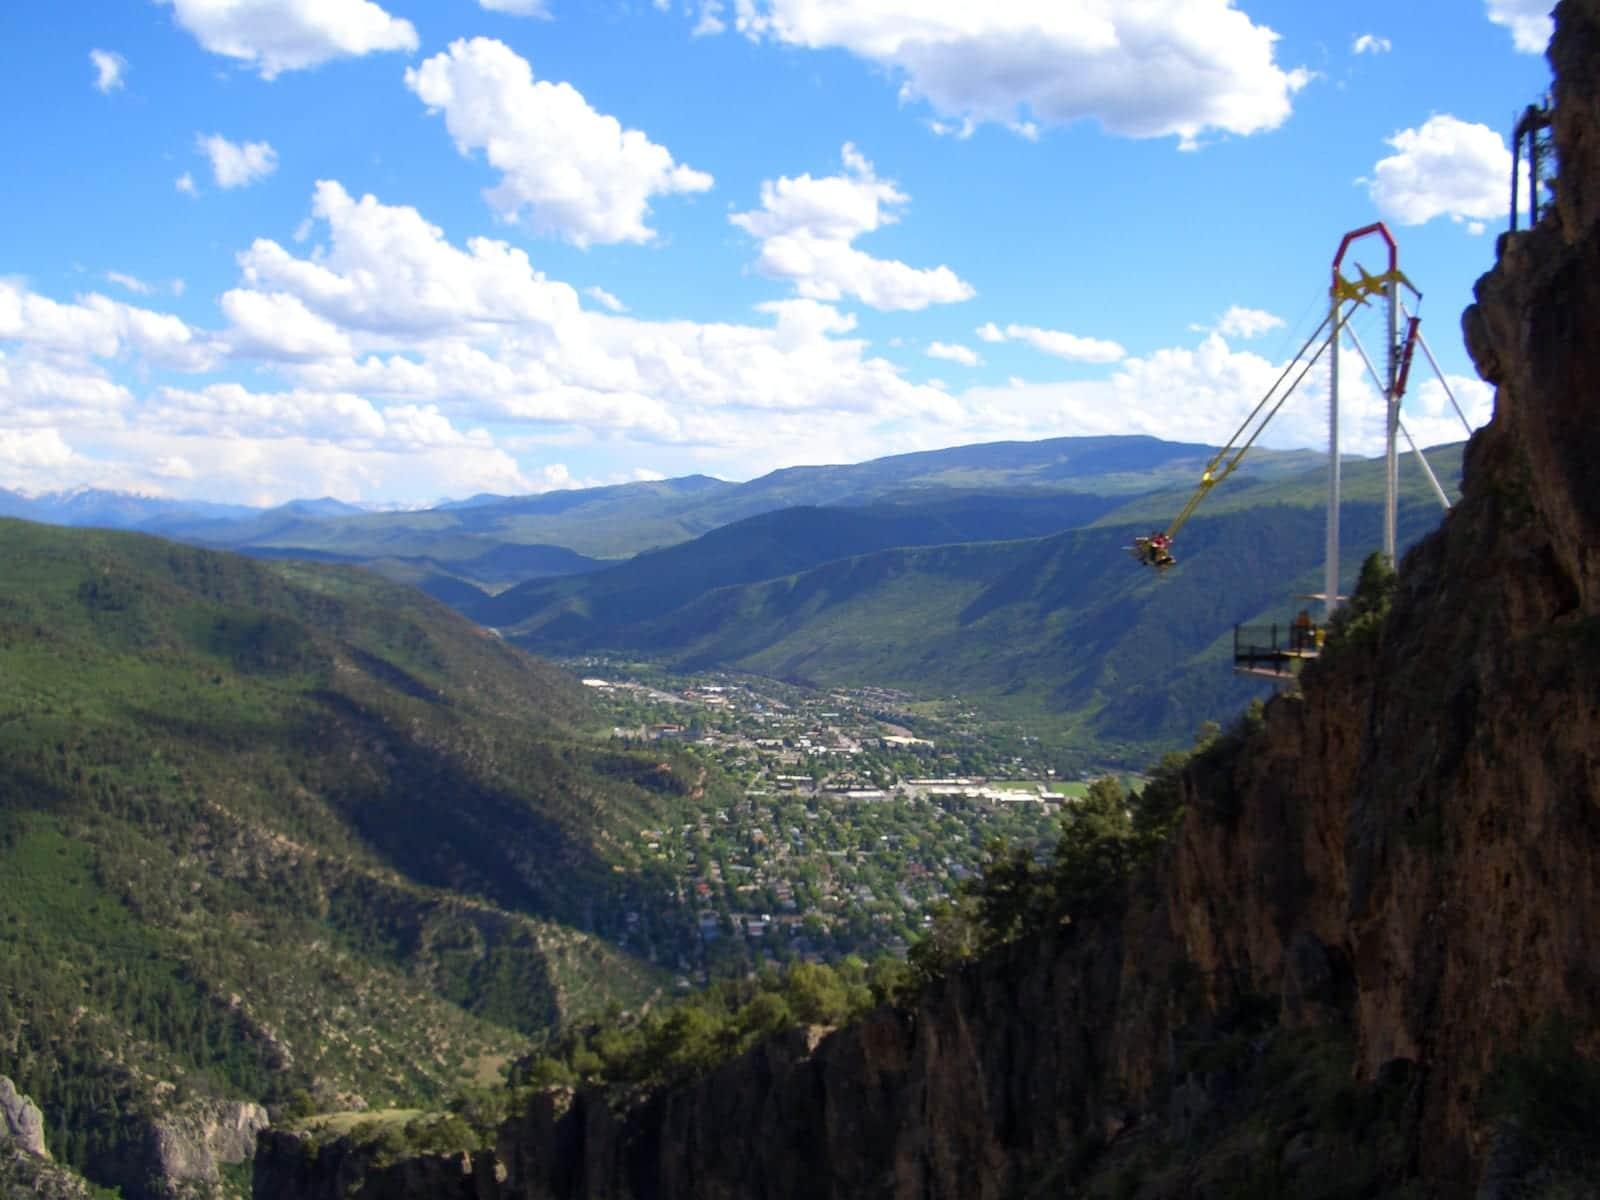 Glenwood Caverns Adventure Park Giant Canyon Swing